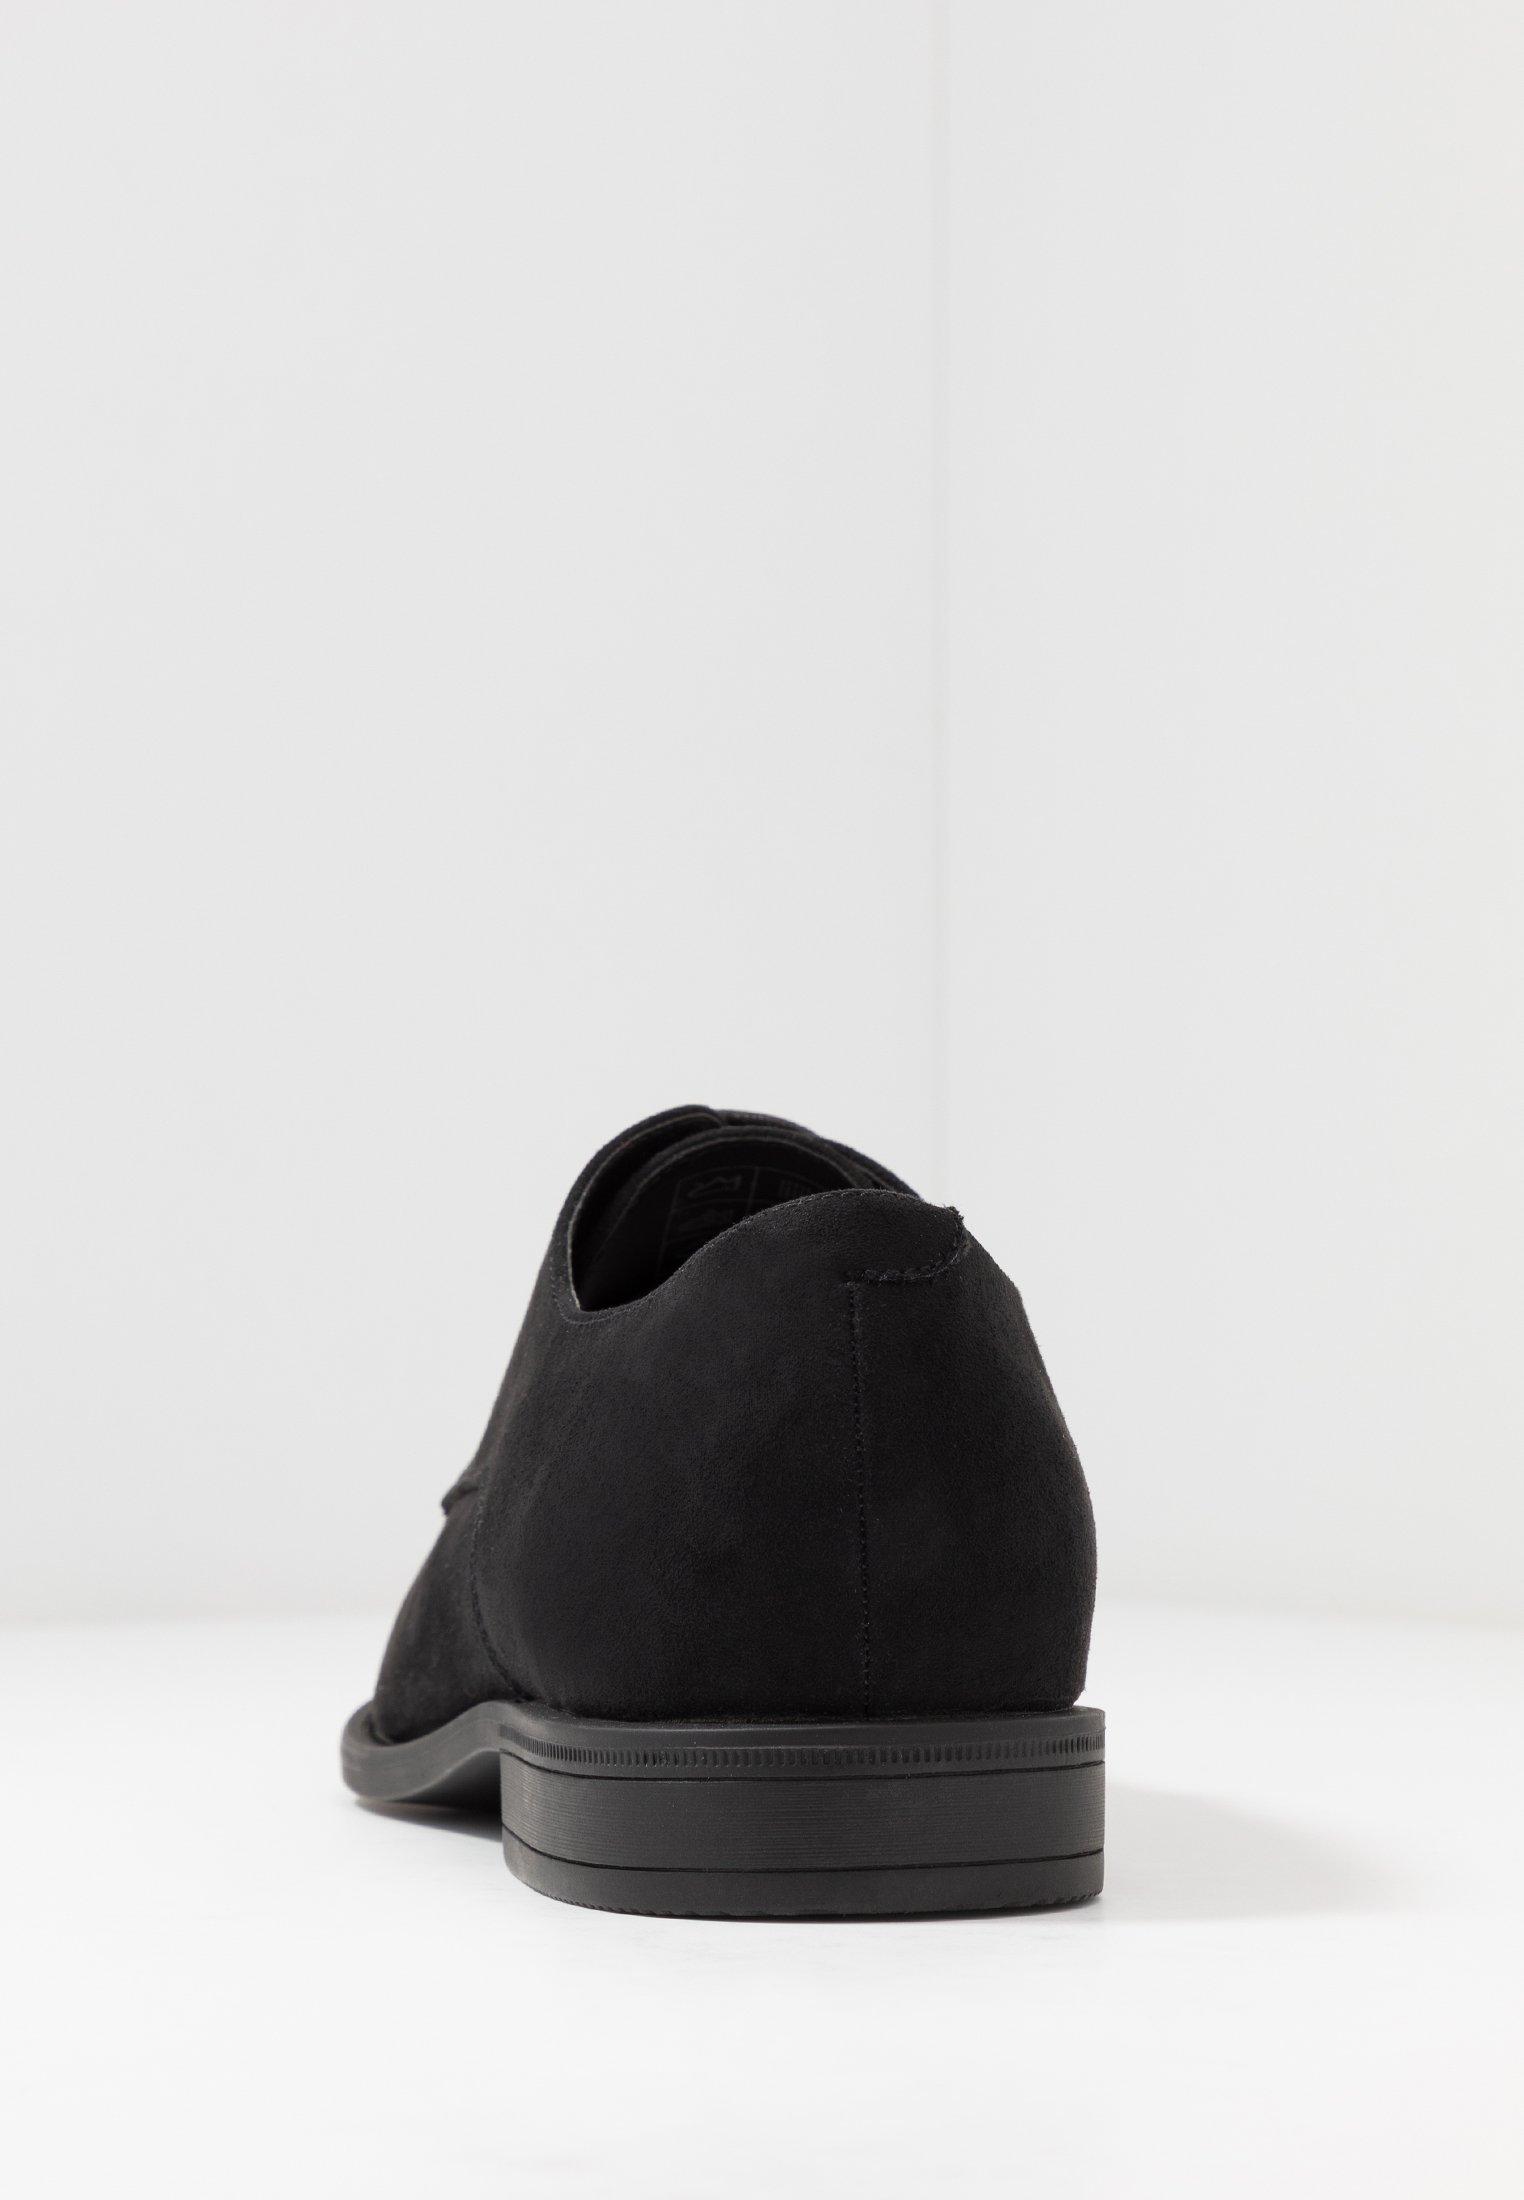 Pier One Zapatos de vestir - black